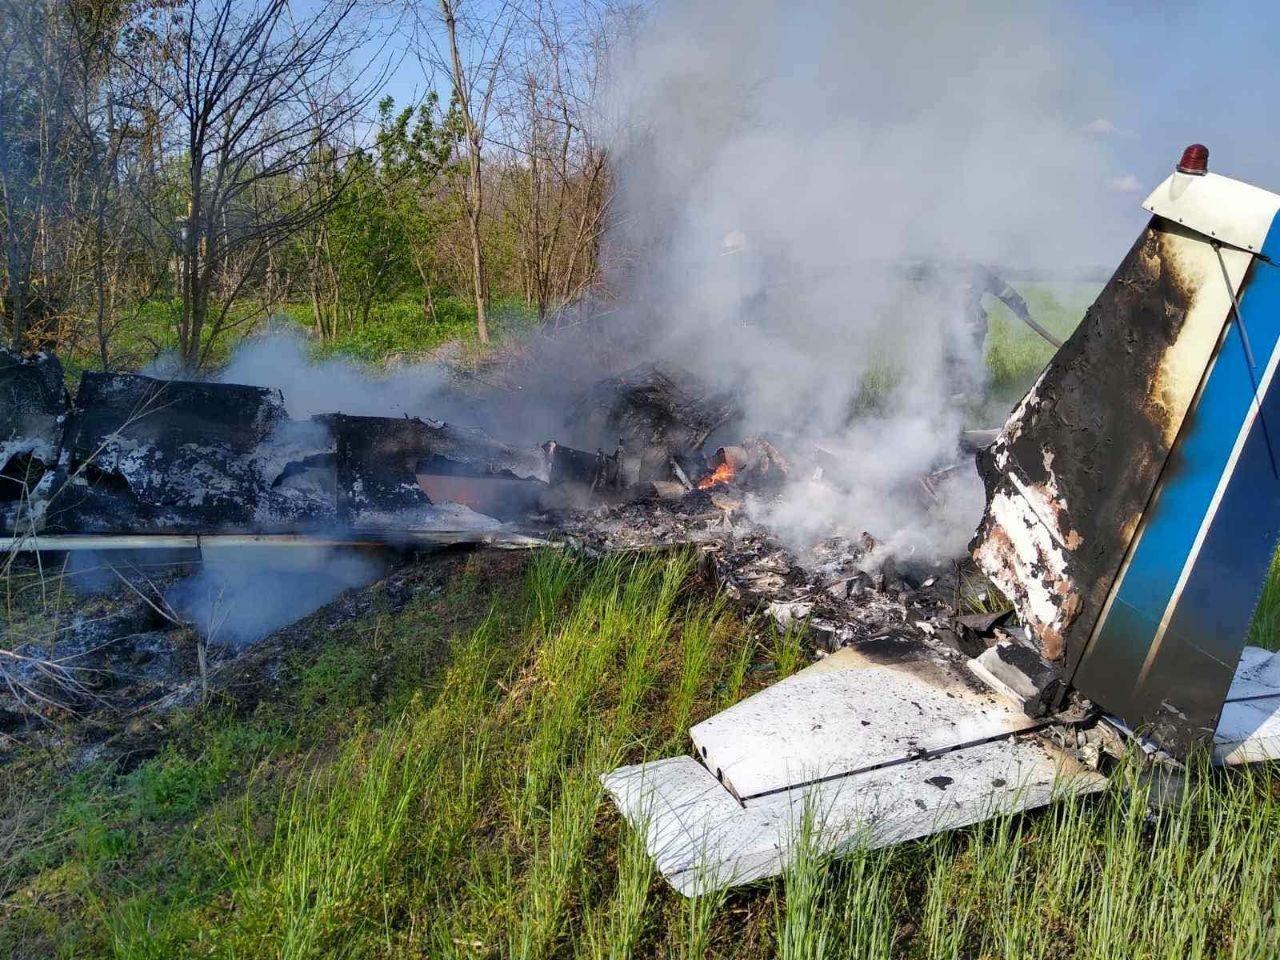 Под Днепром упал и загорелся частный самолет, есть погибшие - ФОТО, фото-1